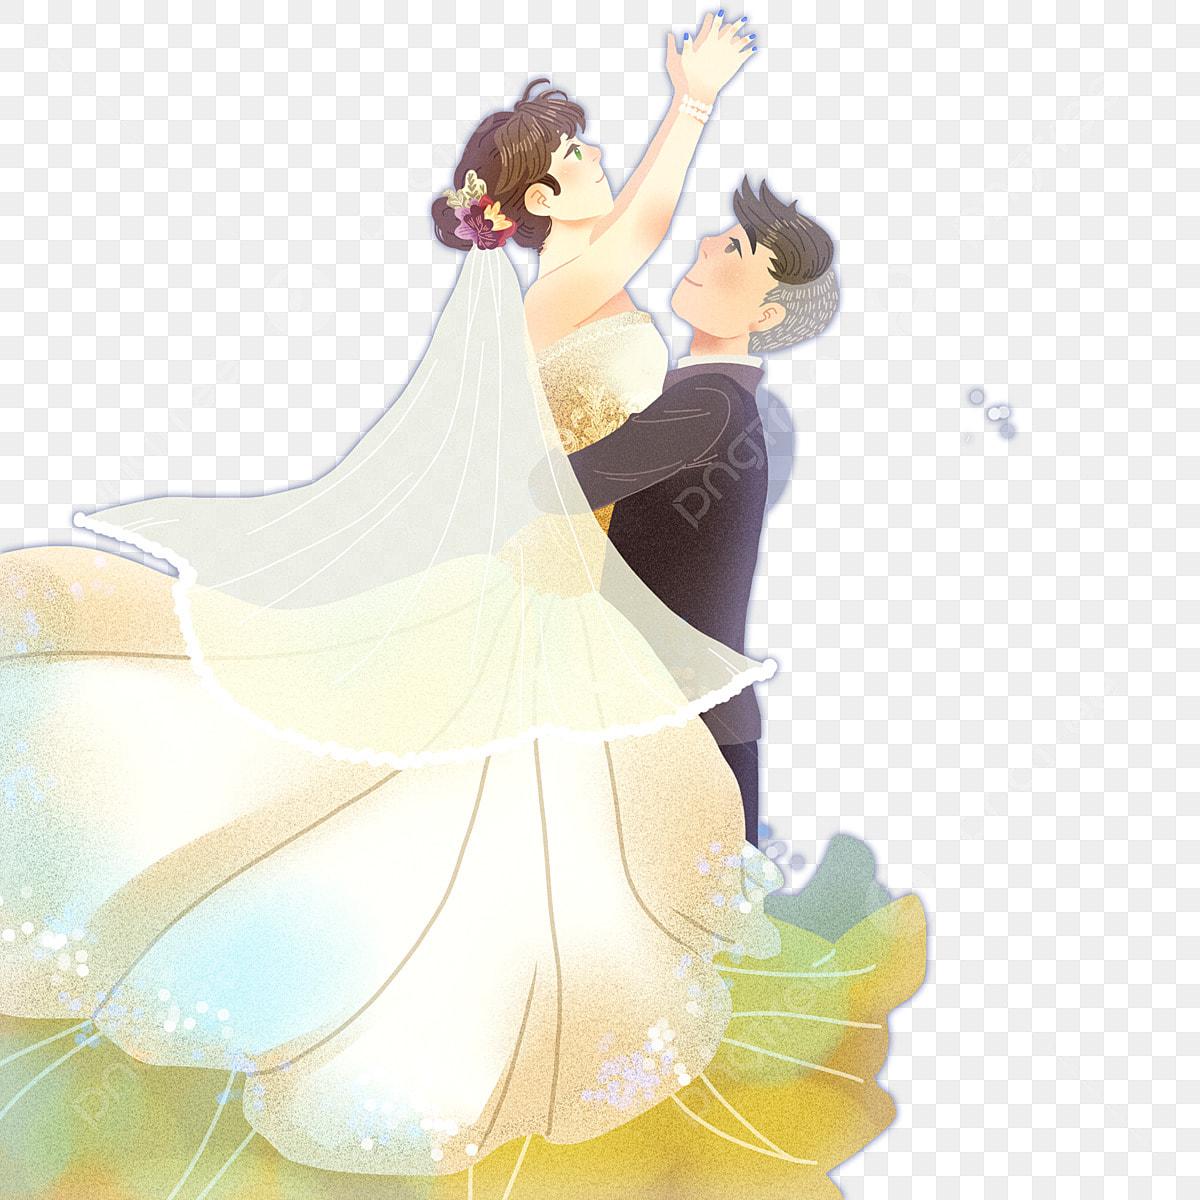 Pasangan Kartun Yang Ditarik Mengambil Gambar Foto